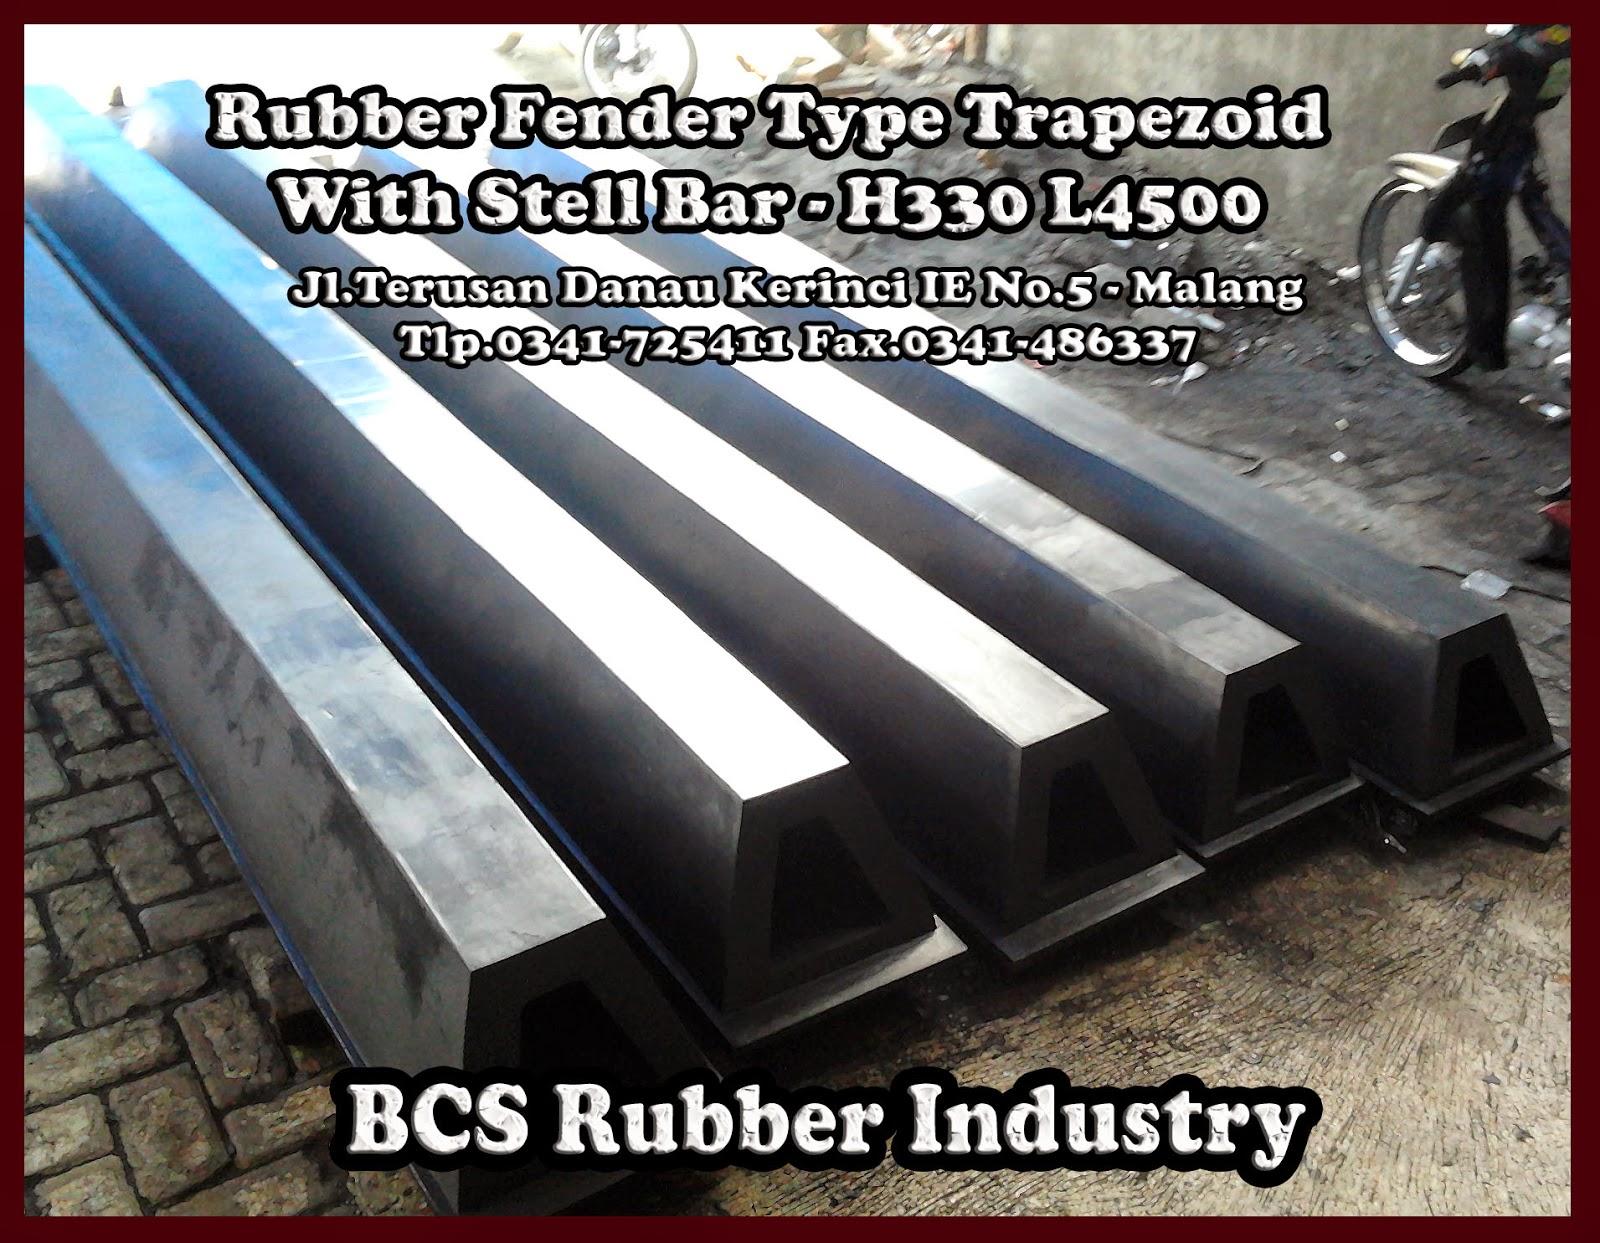 TRAPEZOID RUBBER FEDER,Rubber Fender,Fender Rubber,BCS Rubber fender